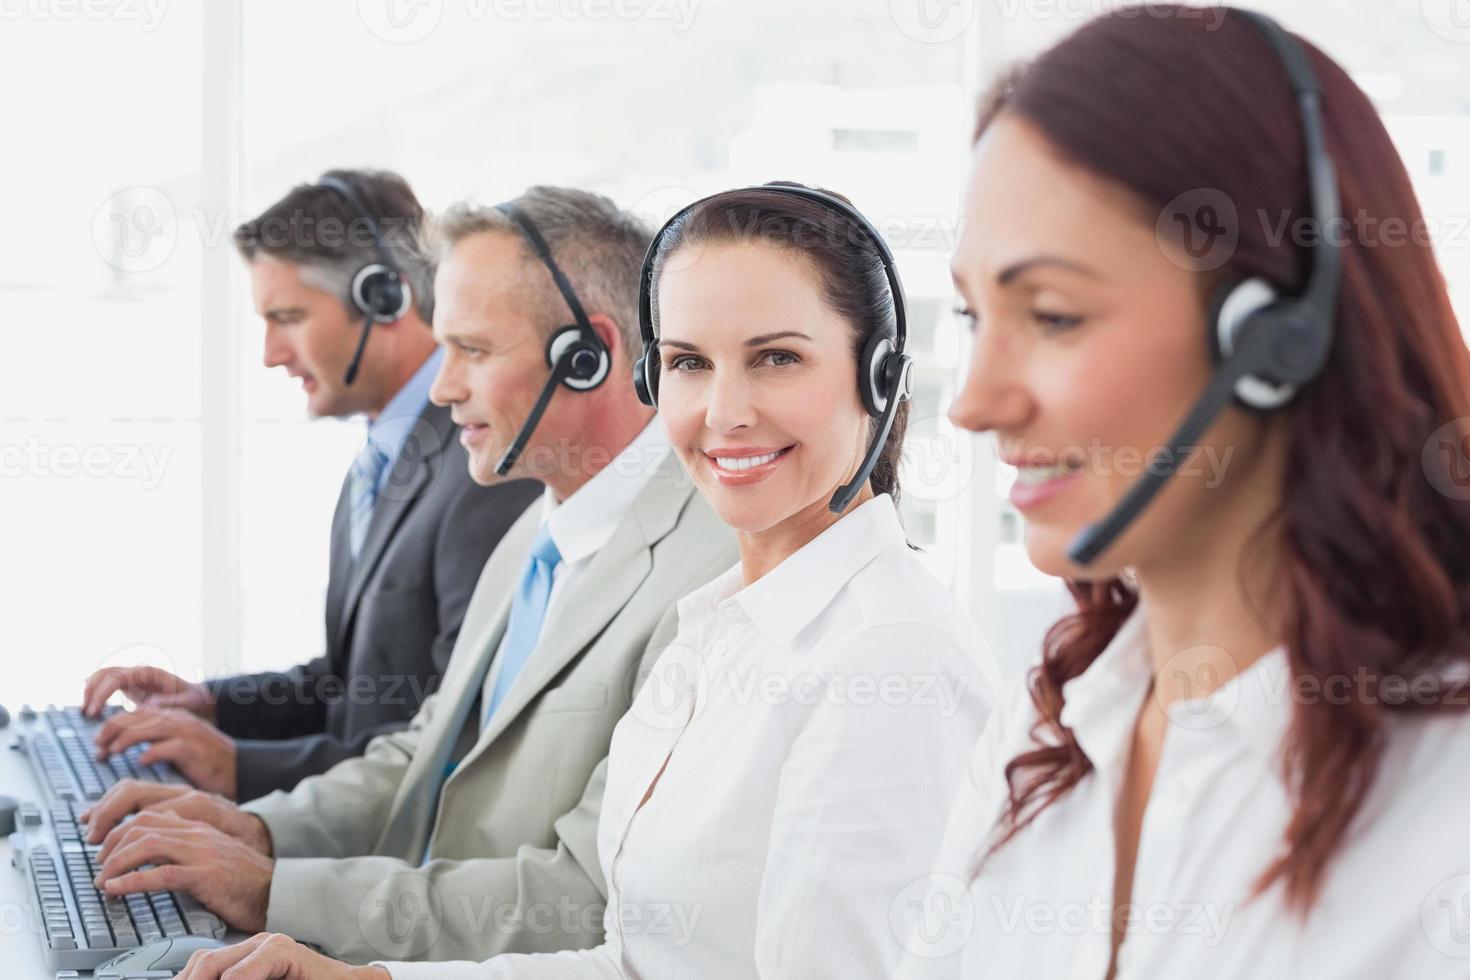 les travailleurs des centres d'appels tout souriant photo